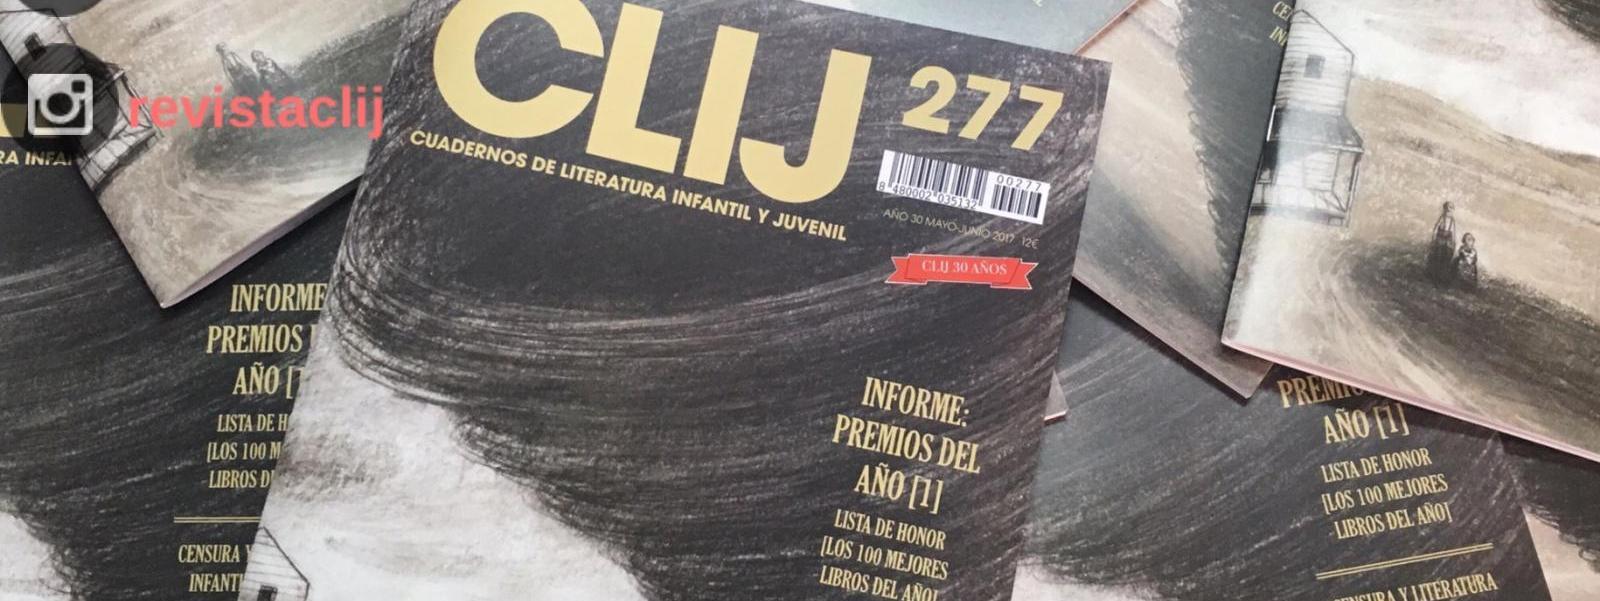 """""""Mitos de Asturias"""", de Paco Abril, considerado uno de los 100 mejores libros del año por la prestigiosa Revista CLIJ"""